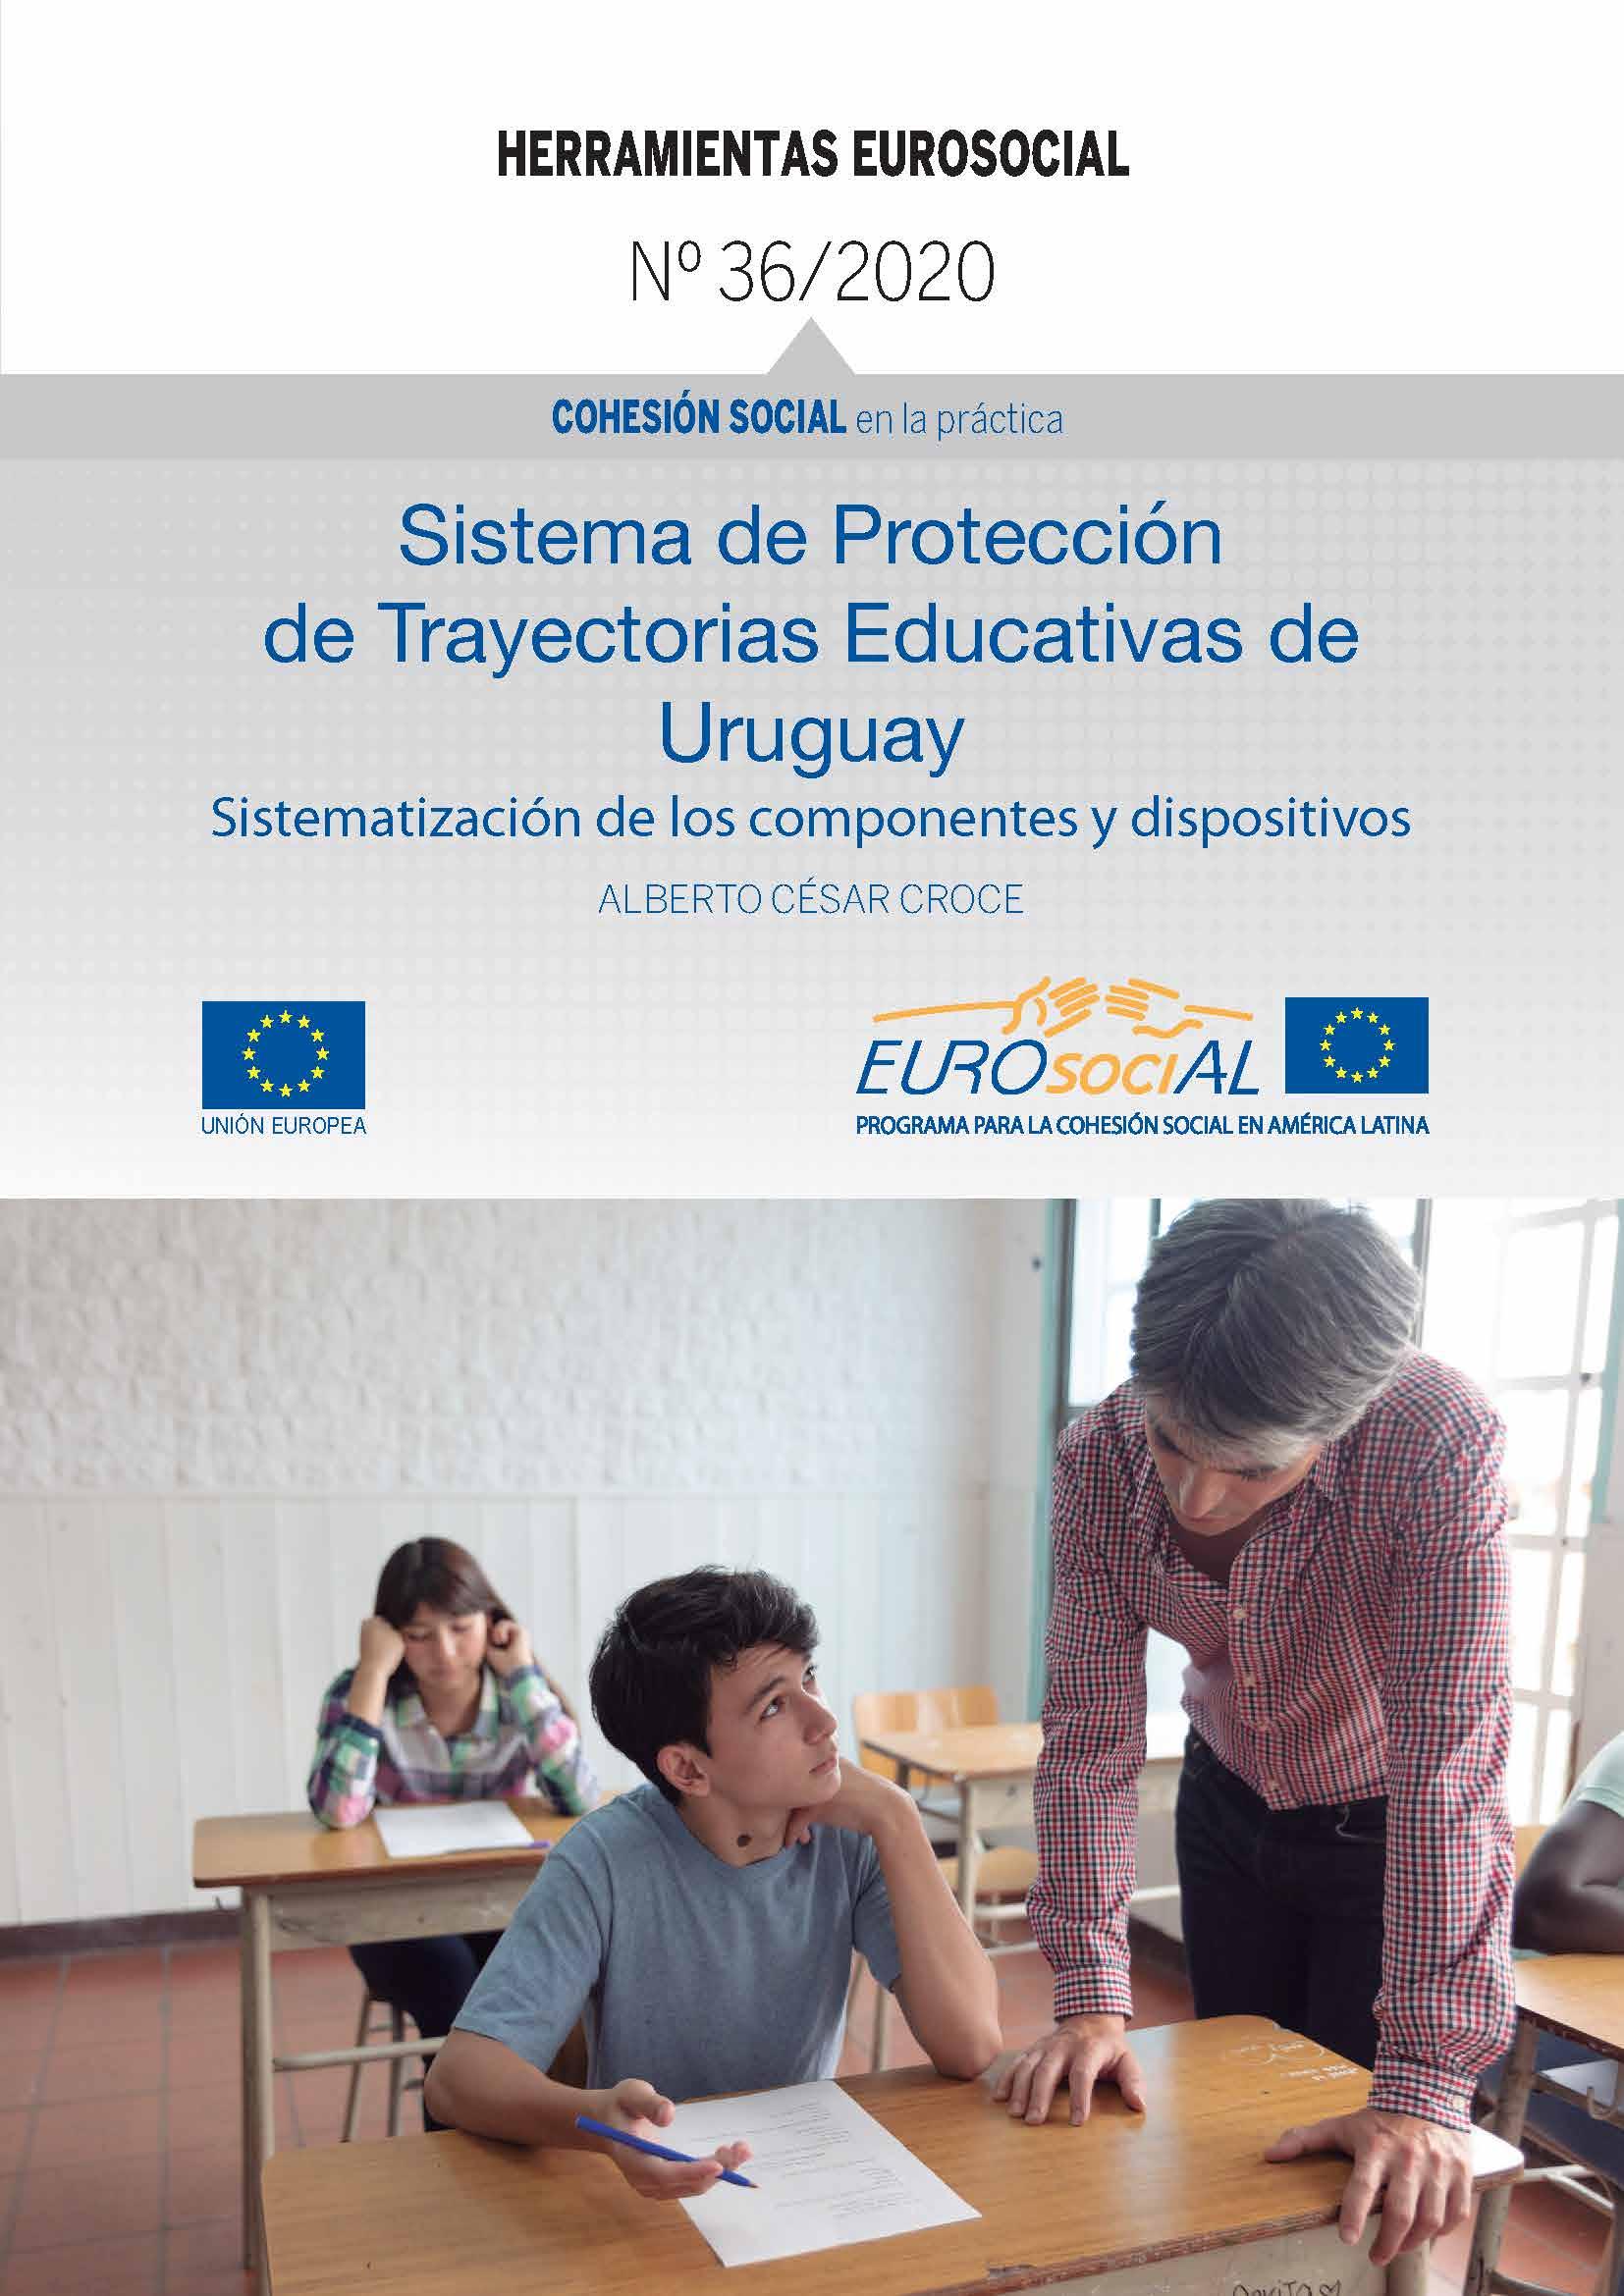 Sistema de Protección de Trayectorias Educativas de Uruguay